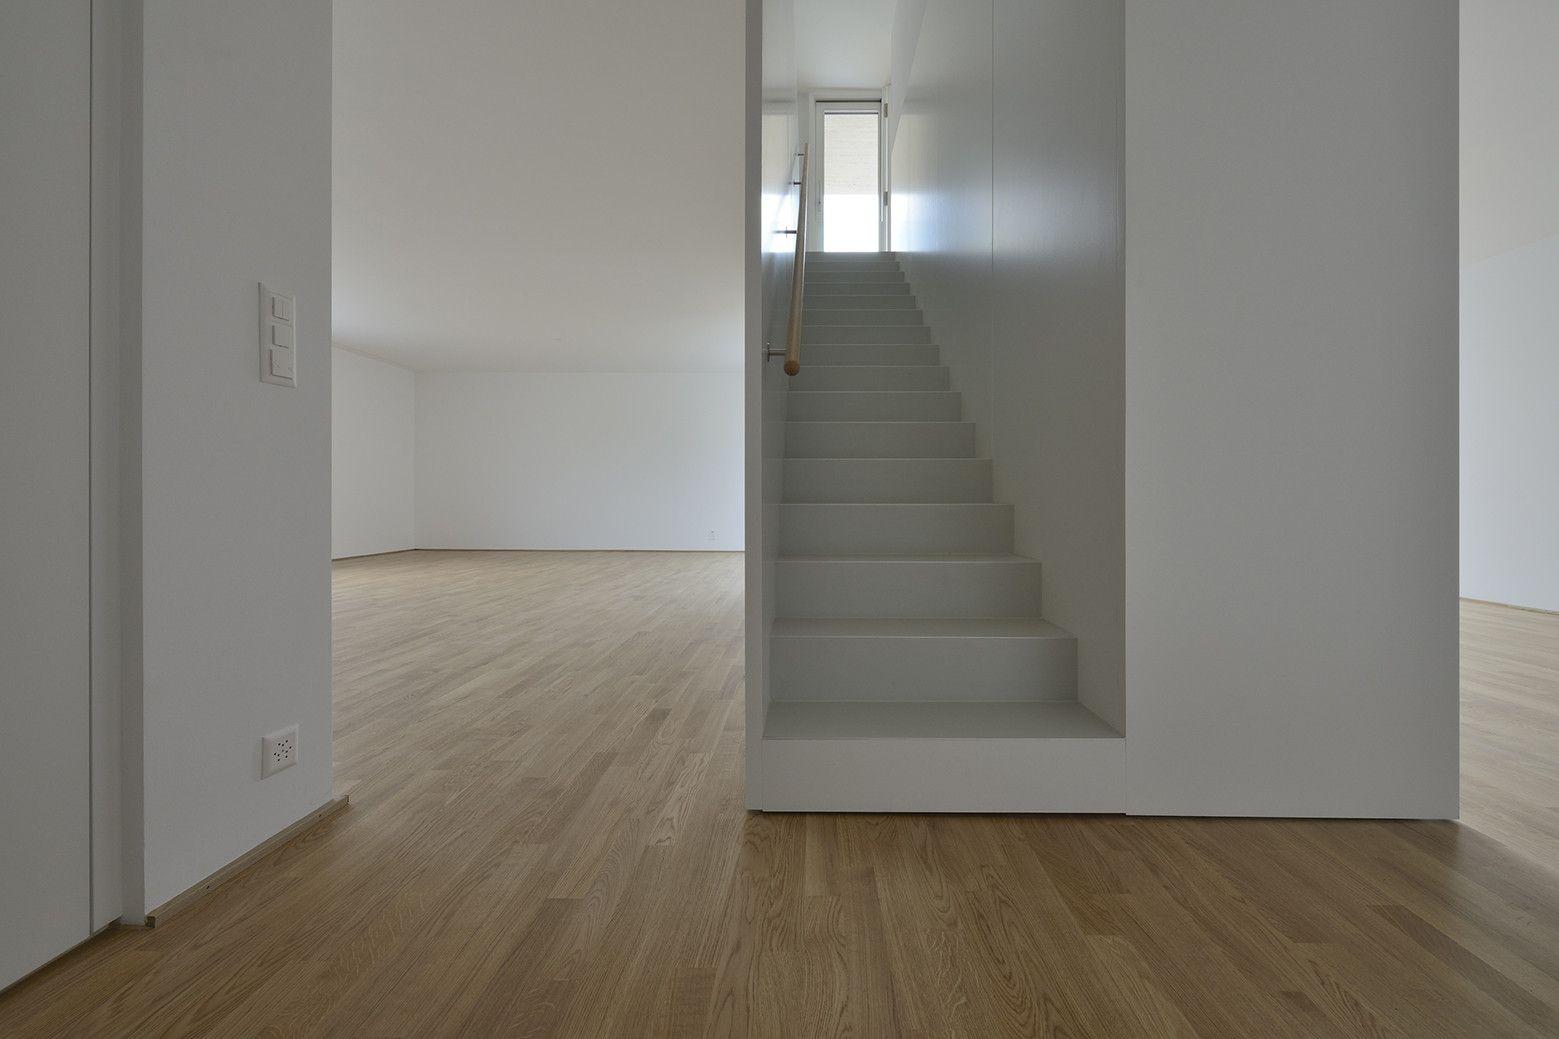 """Gallery - Housing and Urban Planning of """"Grand-Pré"""" Neighbourhood / Luscher Architectes - 3"""